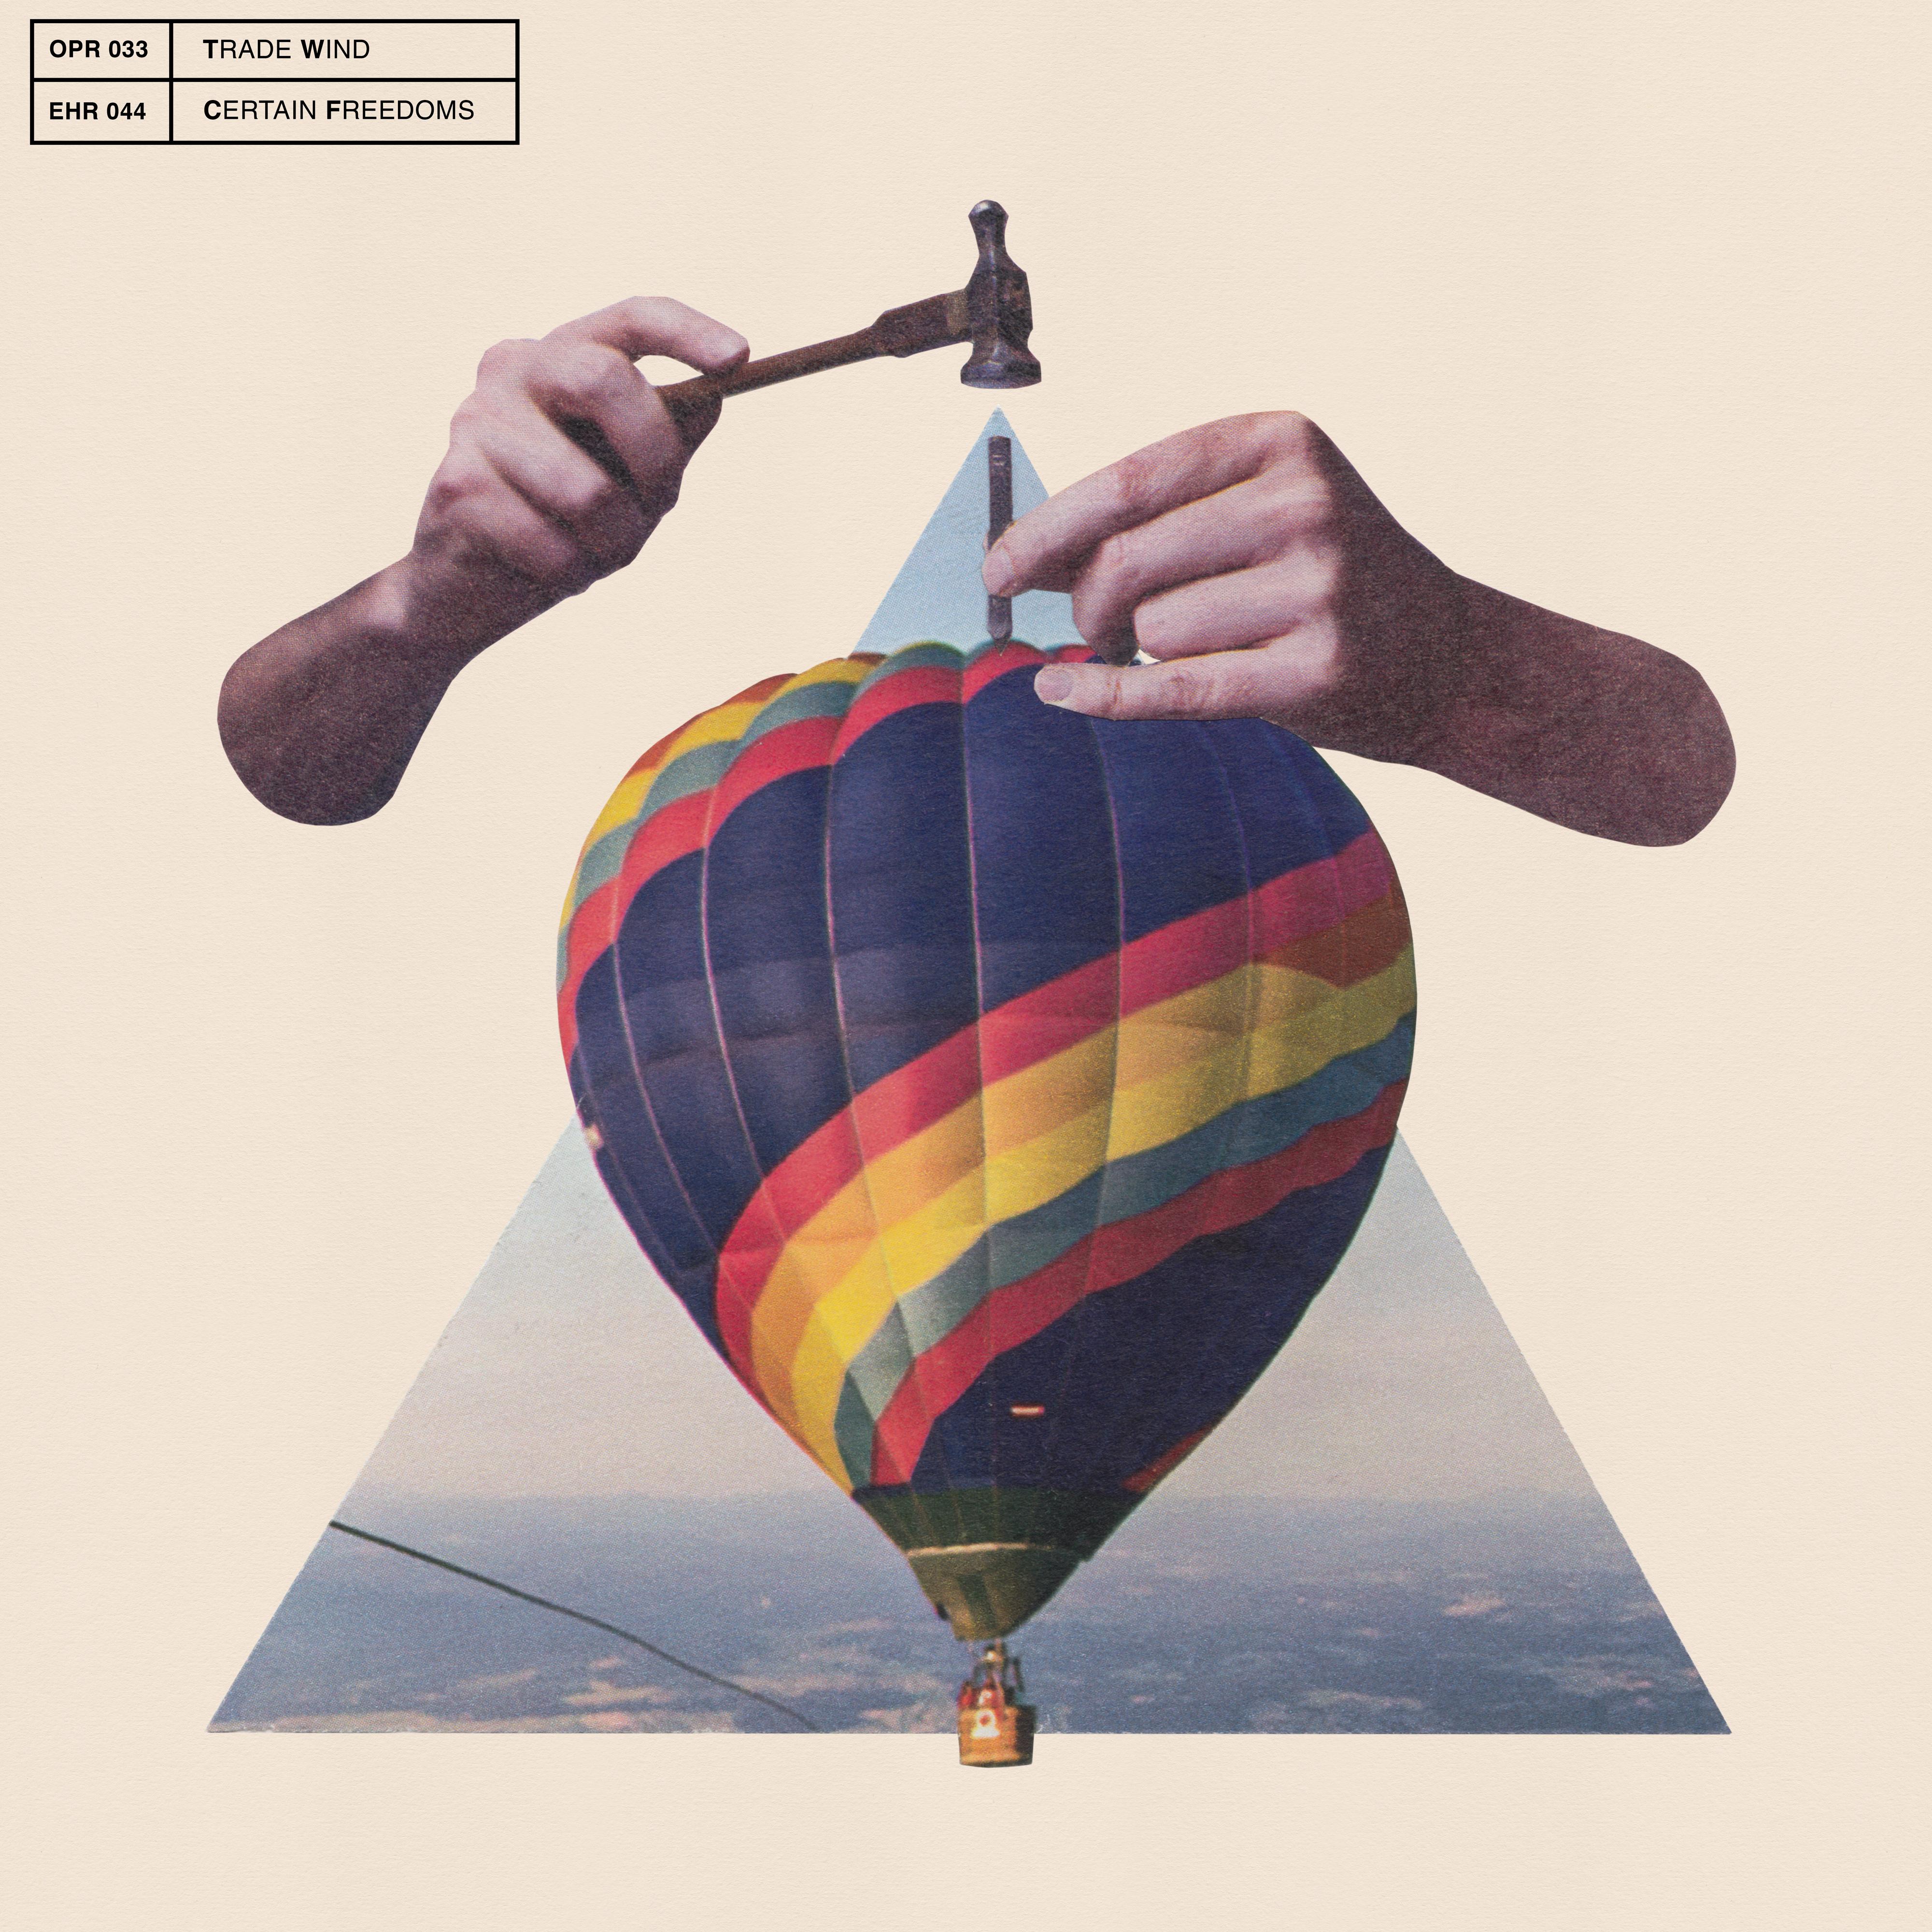 trade-wind-certain-freedoms-musik-fuer-die-nachdenklichen-momente-album-review